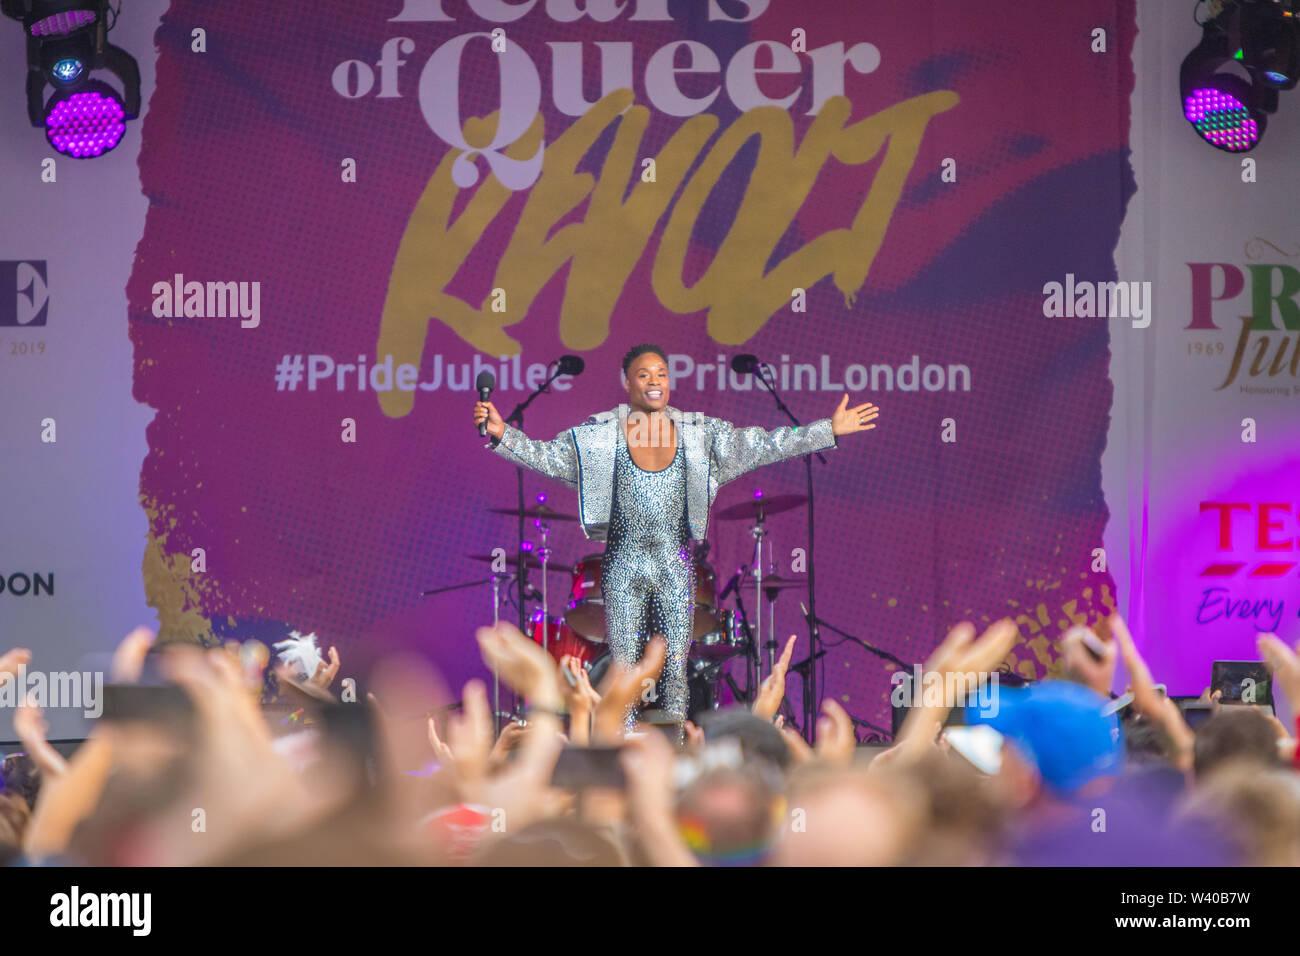 Billy Porter actuando en el escenario principal de London Pride, Trafalgar Square Foto de stock